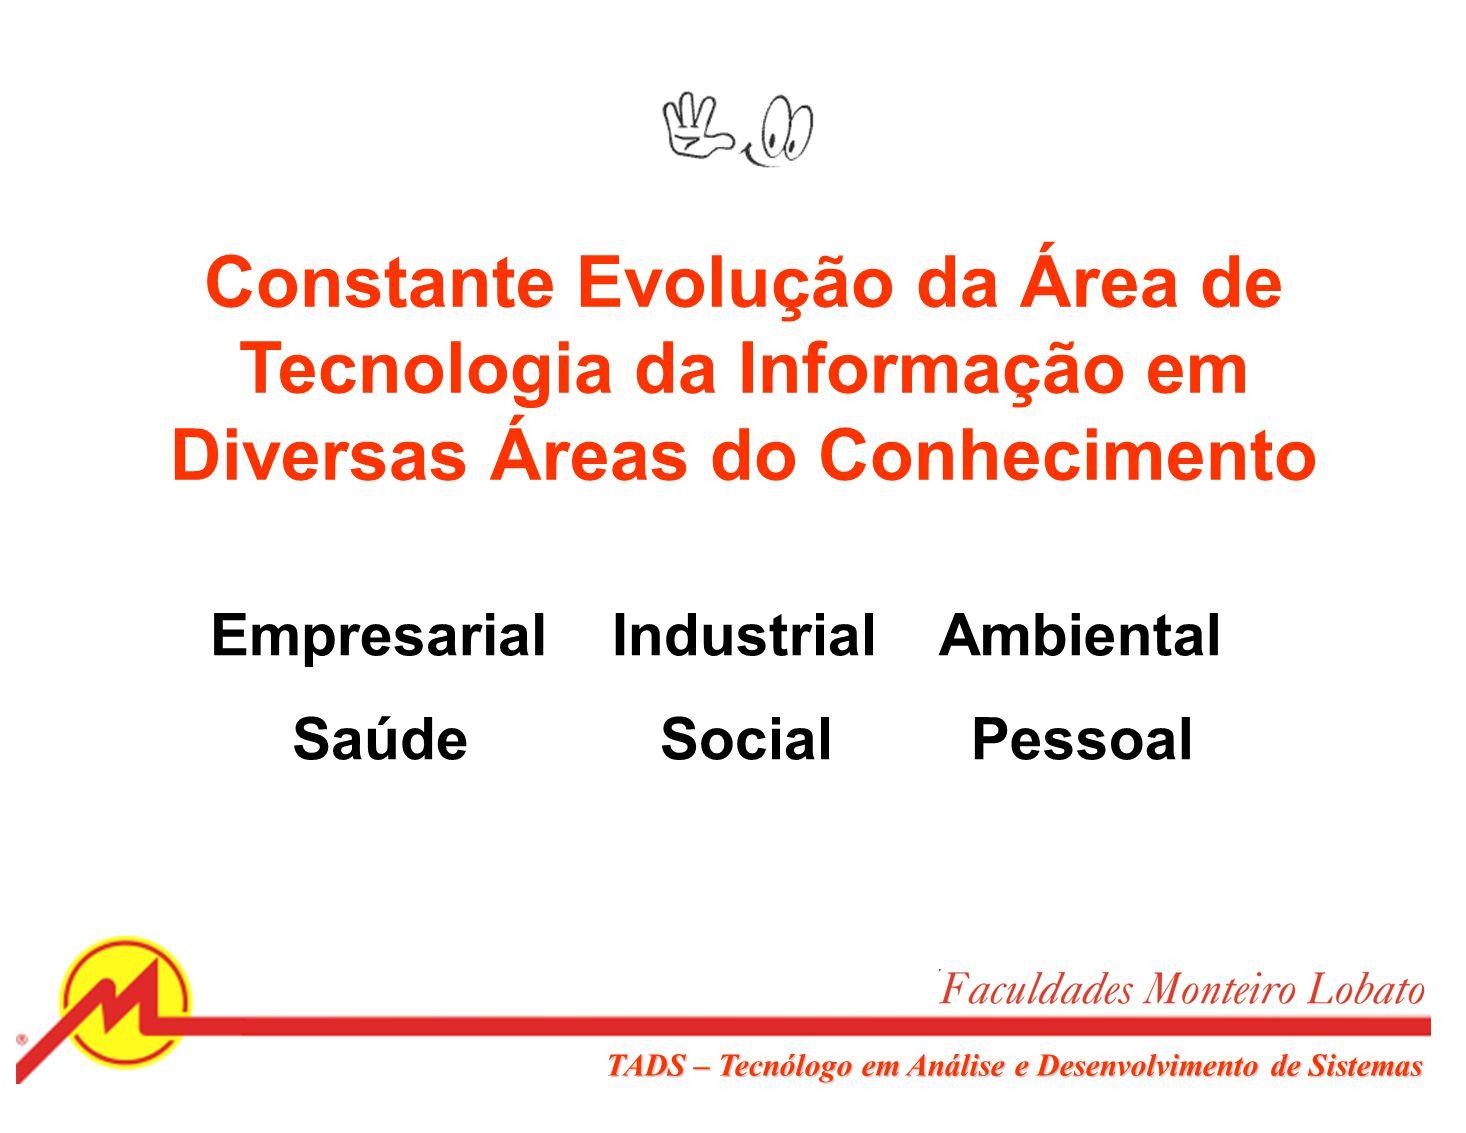 Constante Evolução da Área de Tecnologia da Informação em Diversas Áreas do Conhecimento